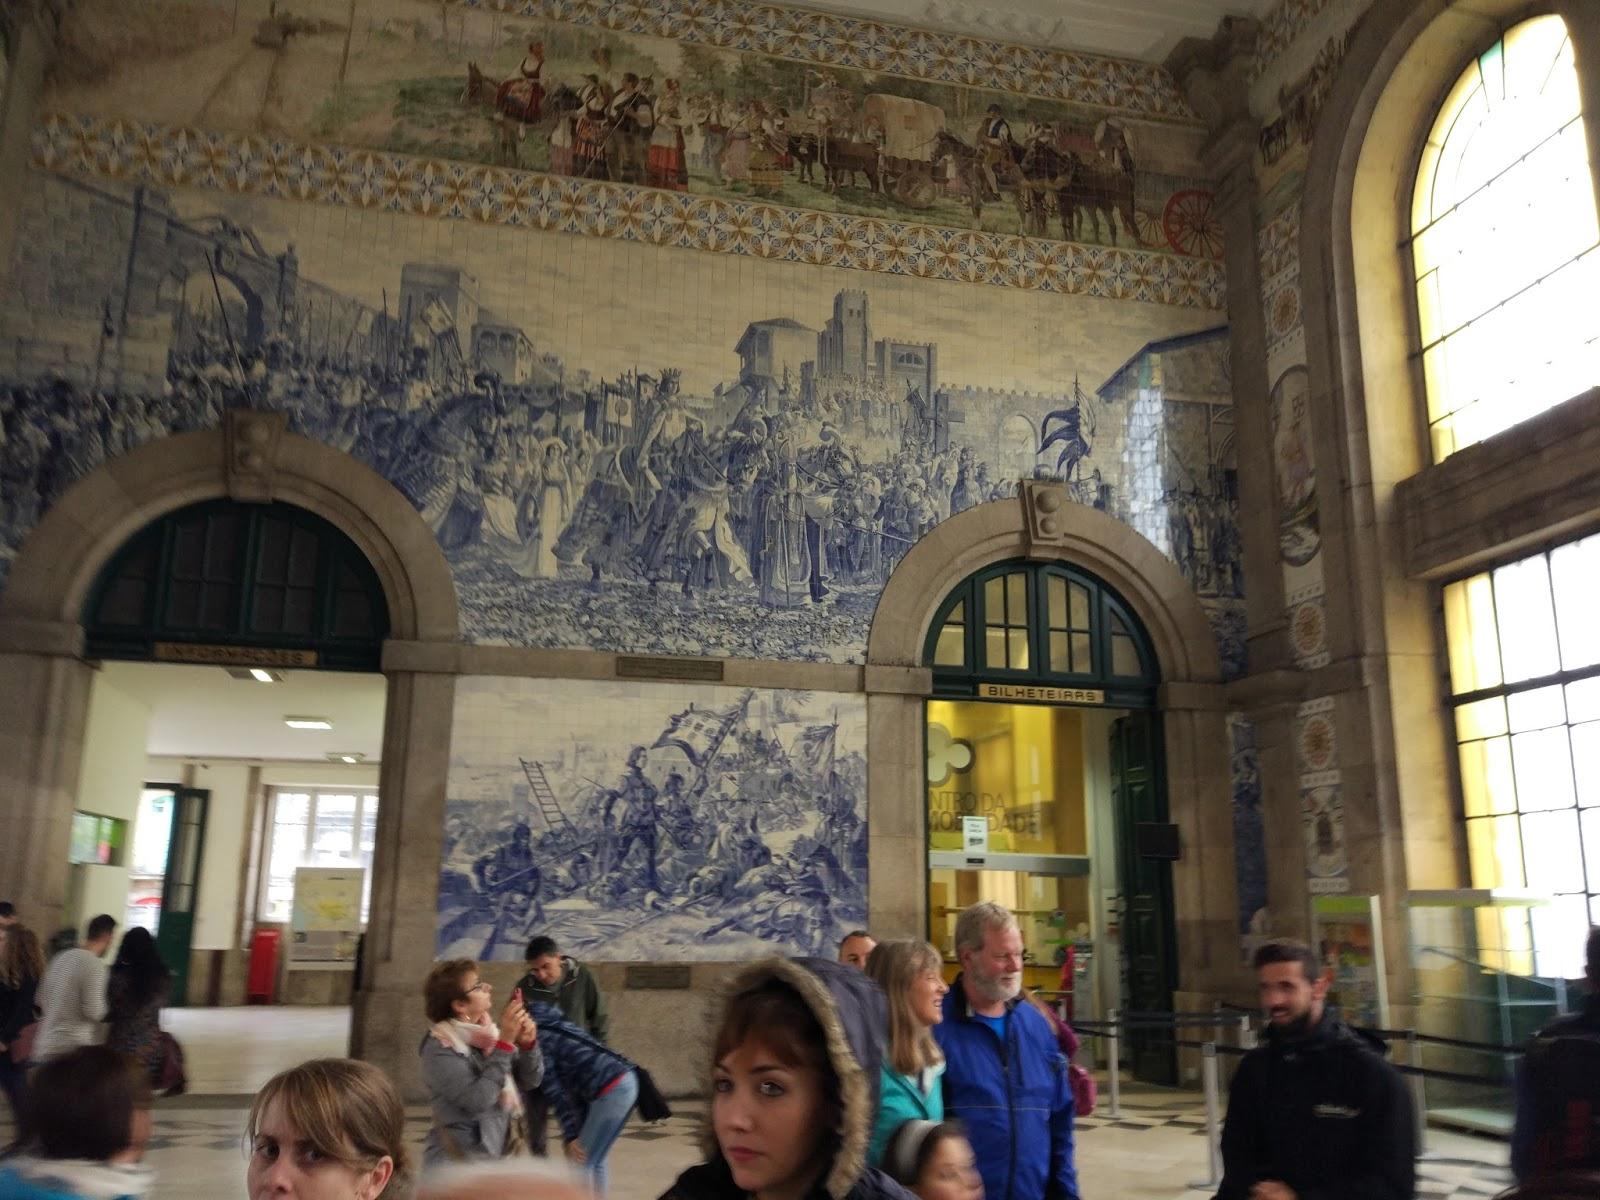 estacion_autobuses_oporto_azulejos